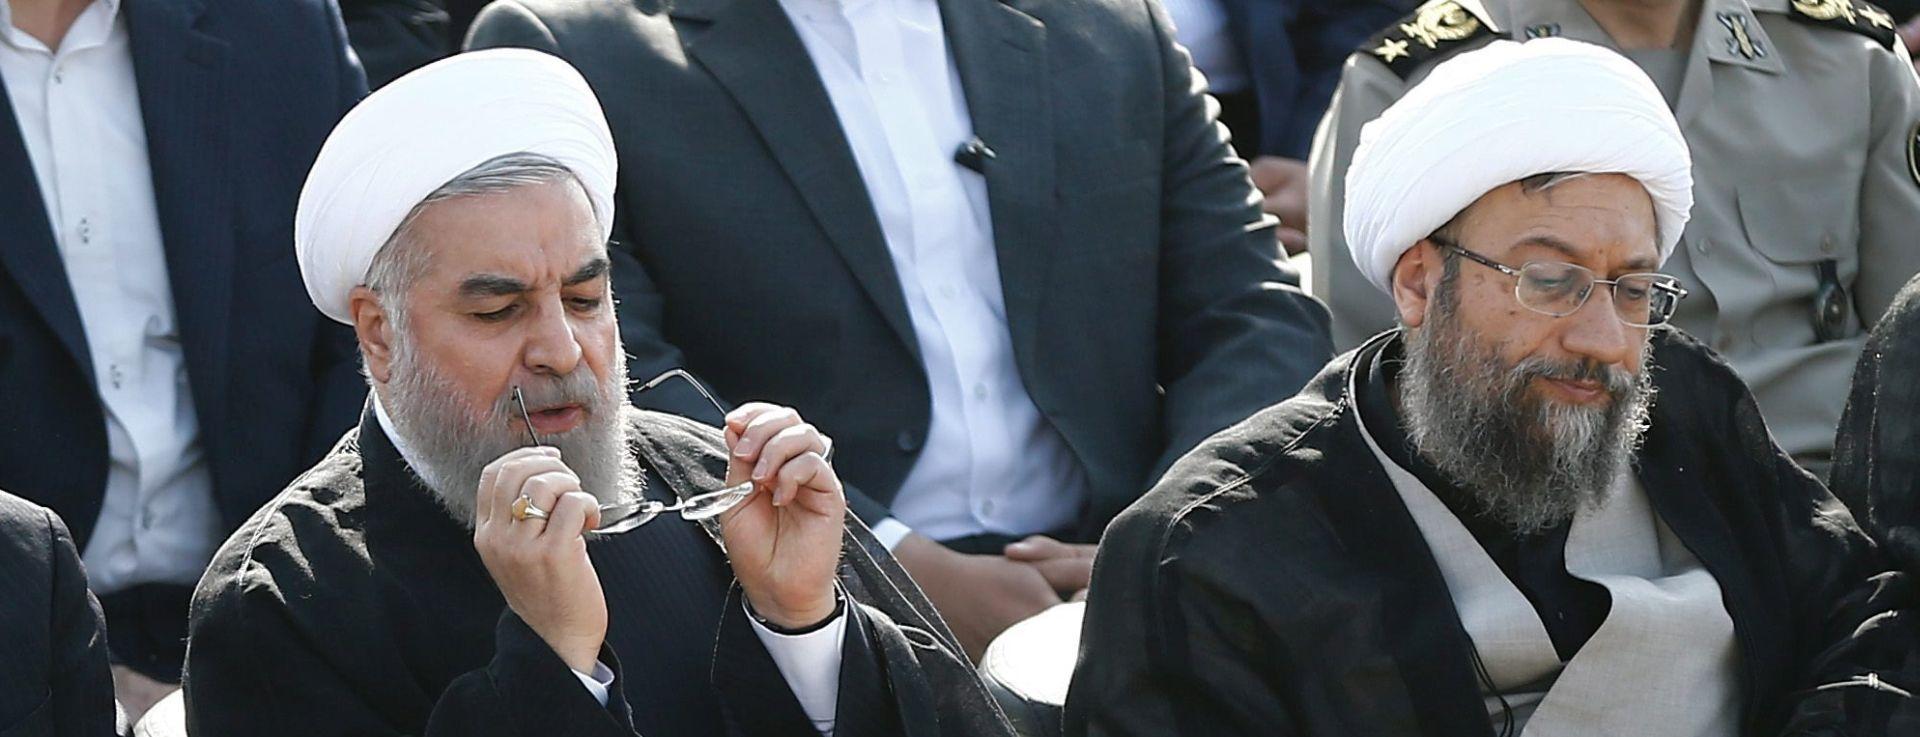 IRANSKO VIJEĆE ČUVARA Ratifikacija nuklearnog sporazuma sa šest svjetskih sila